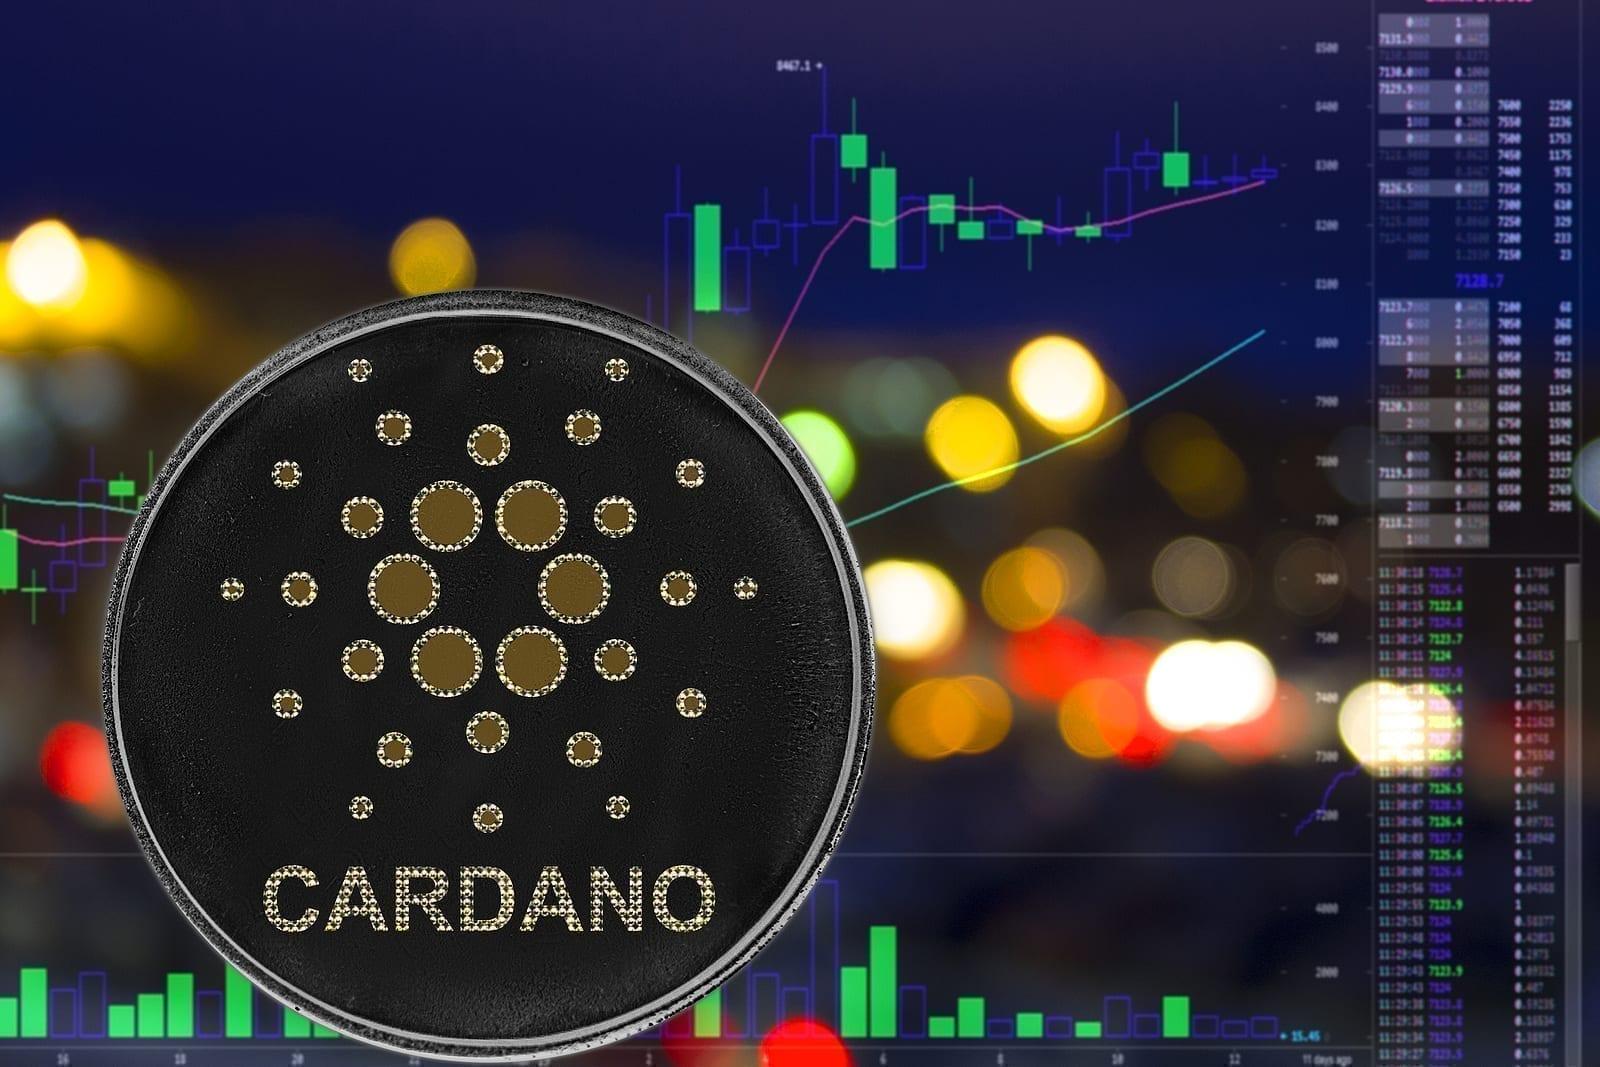 Anjloknya Cardano